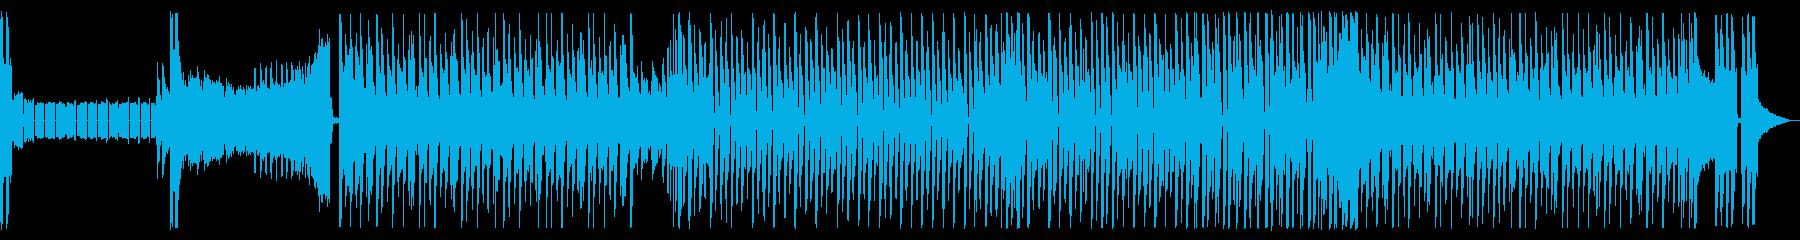 洗練されたクールな近未来的なインストの再生済みの波形